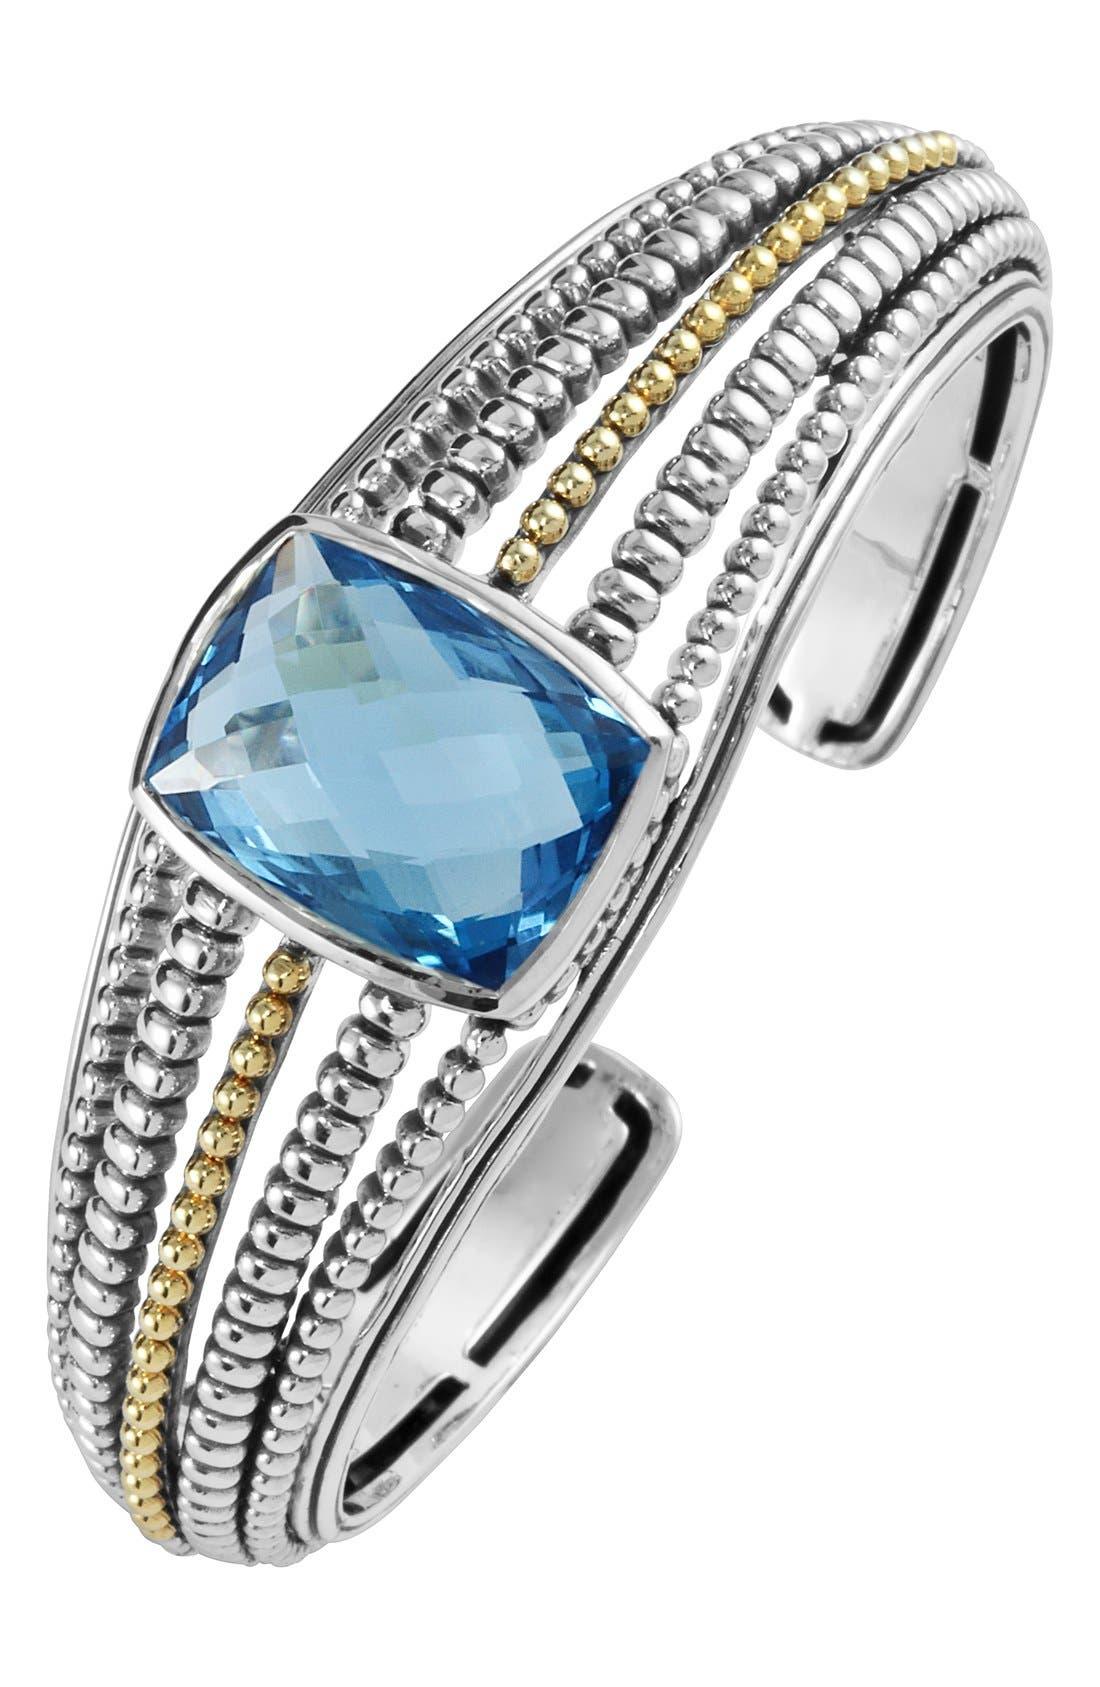 Main Image - LAGOS 'Prism' Cuff